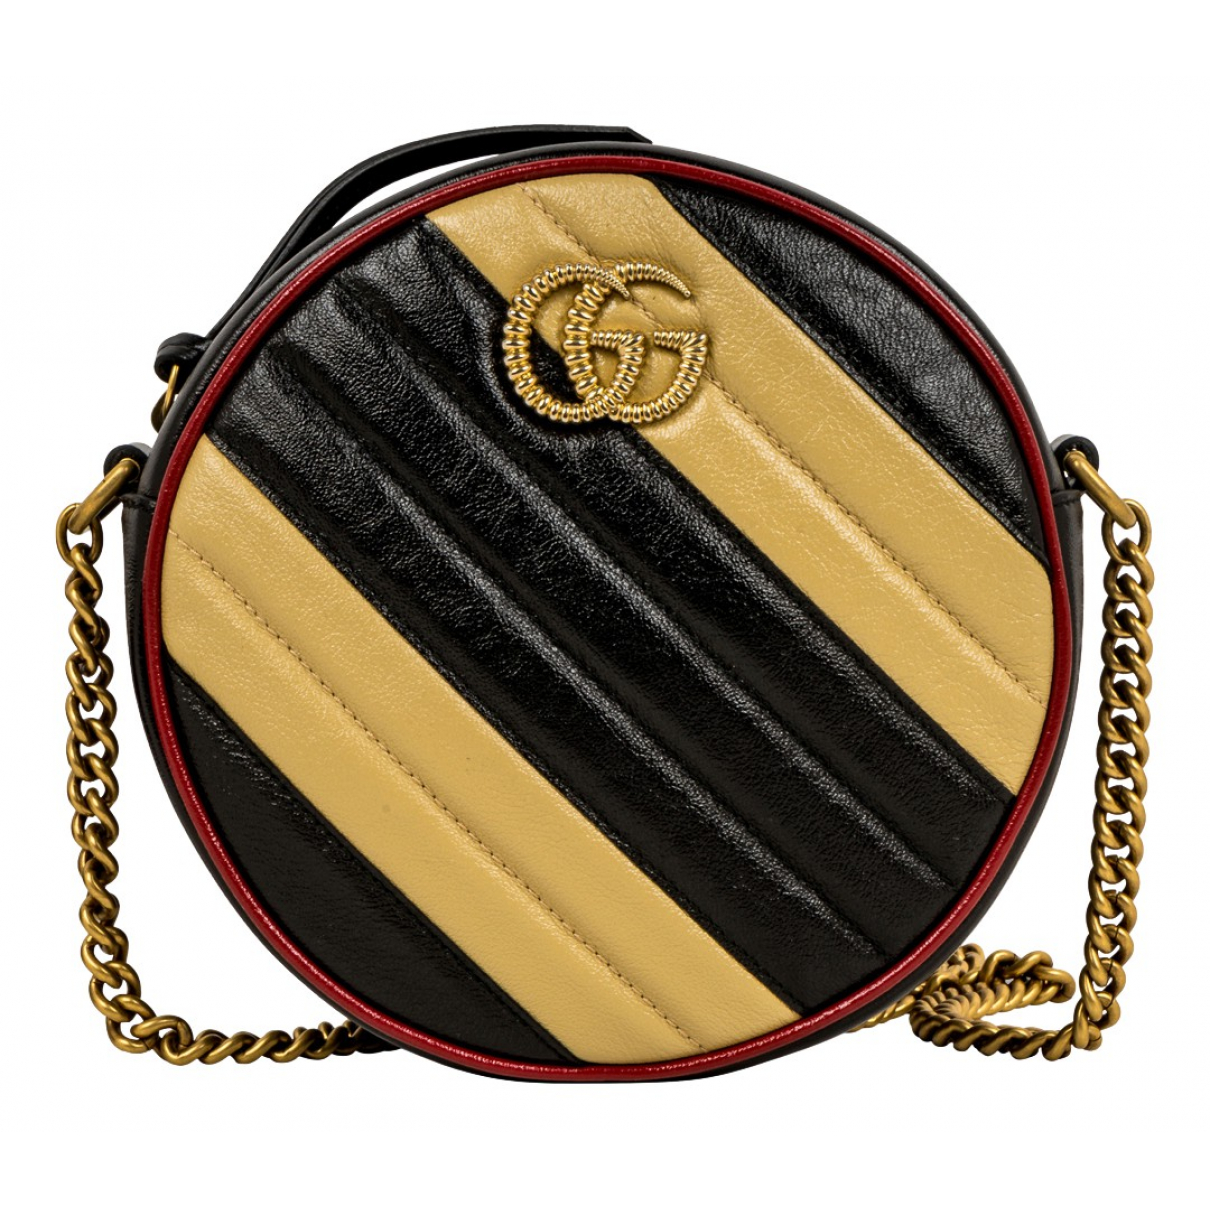 Gucci - Sac a main GG Marmont Circle pour femme en cuir - multicolore